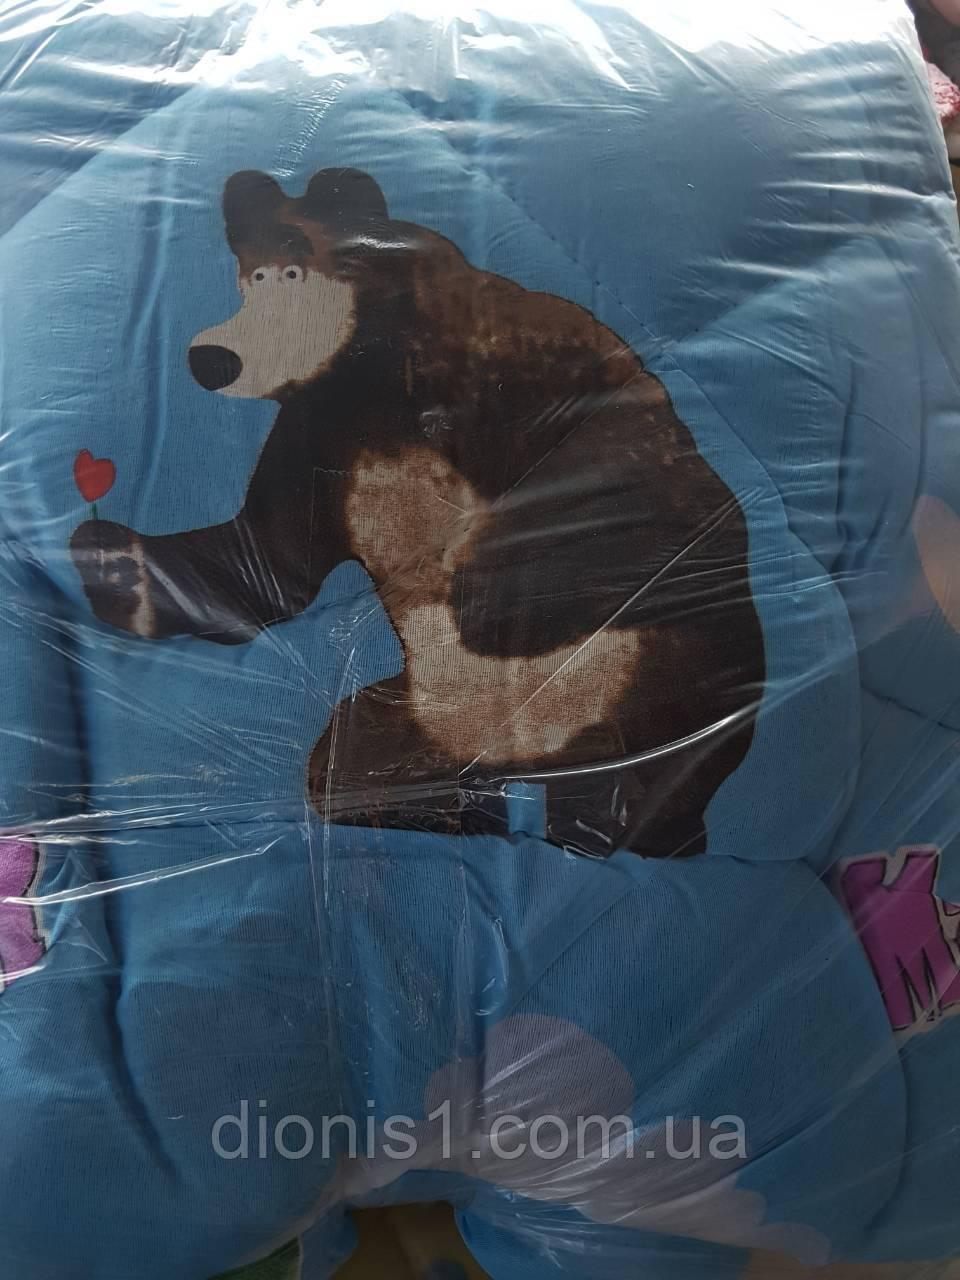 Ковдра дитяче ліжечко з подушкою 45х45. розмір 100х140 силікон кольори в асортименті